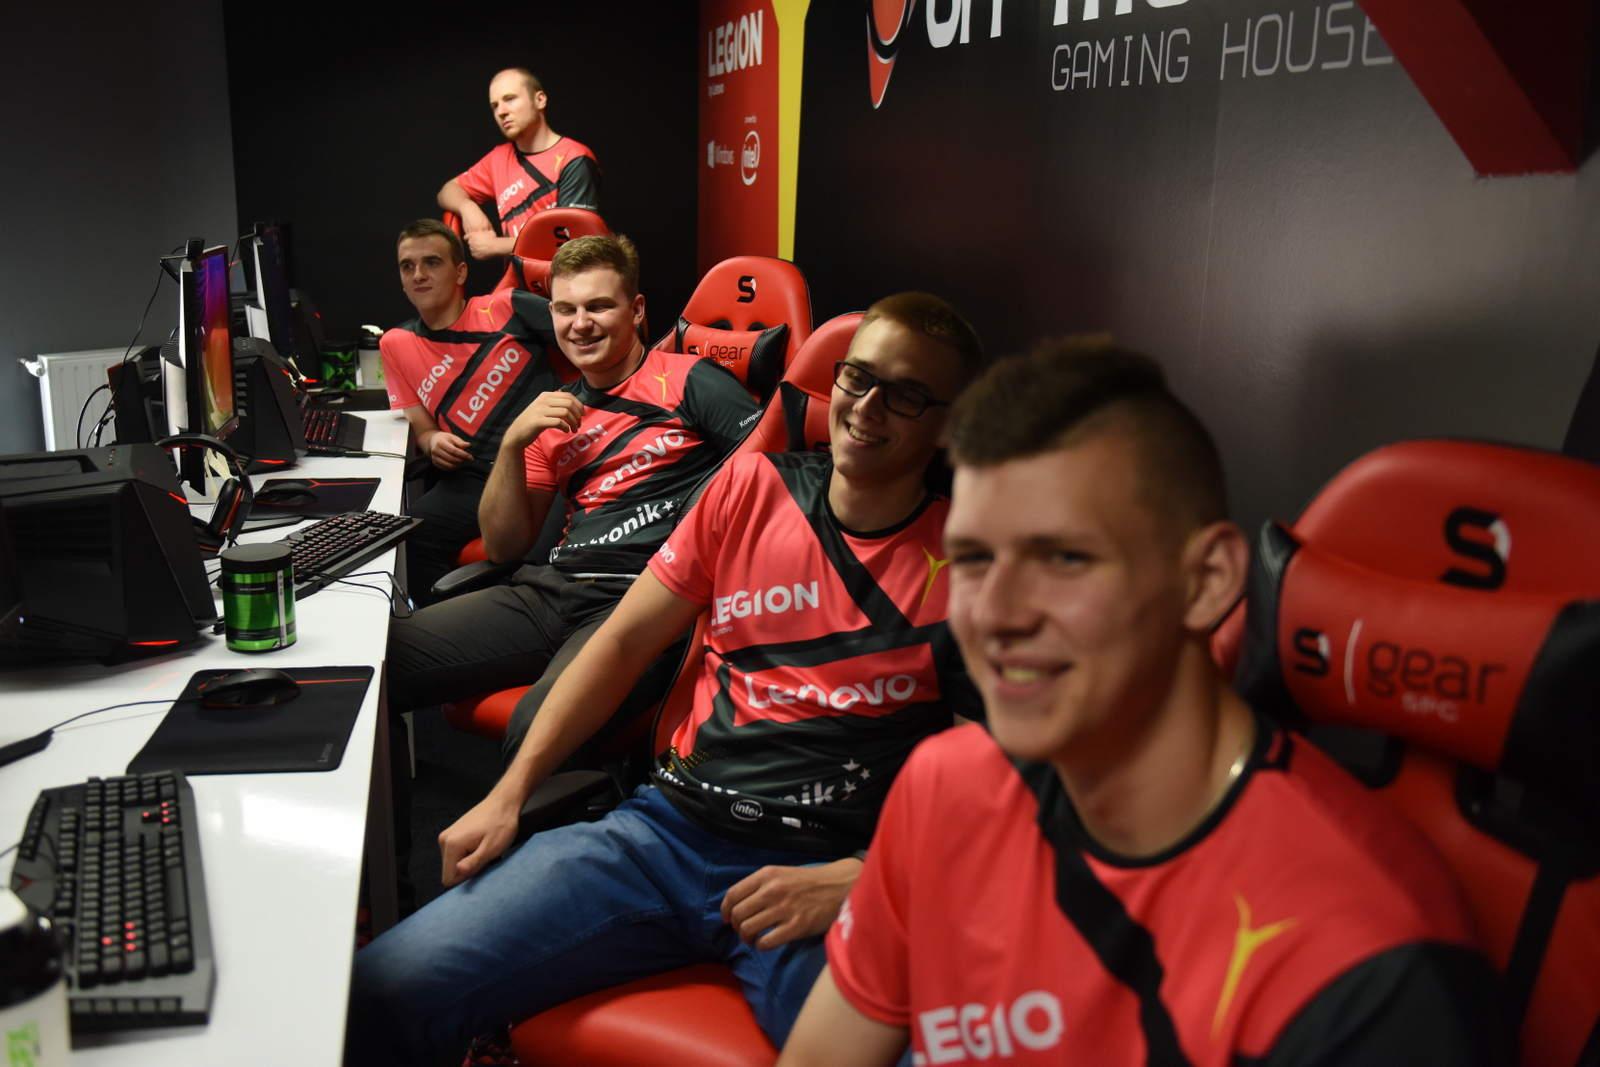 The Legion ekipa e-sportowa - zdjęcie 1